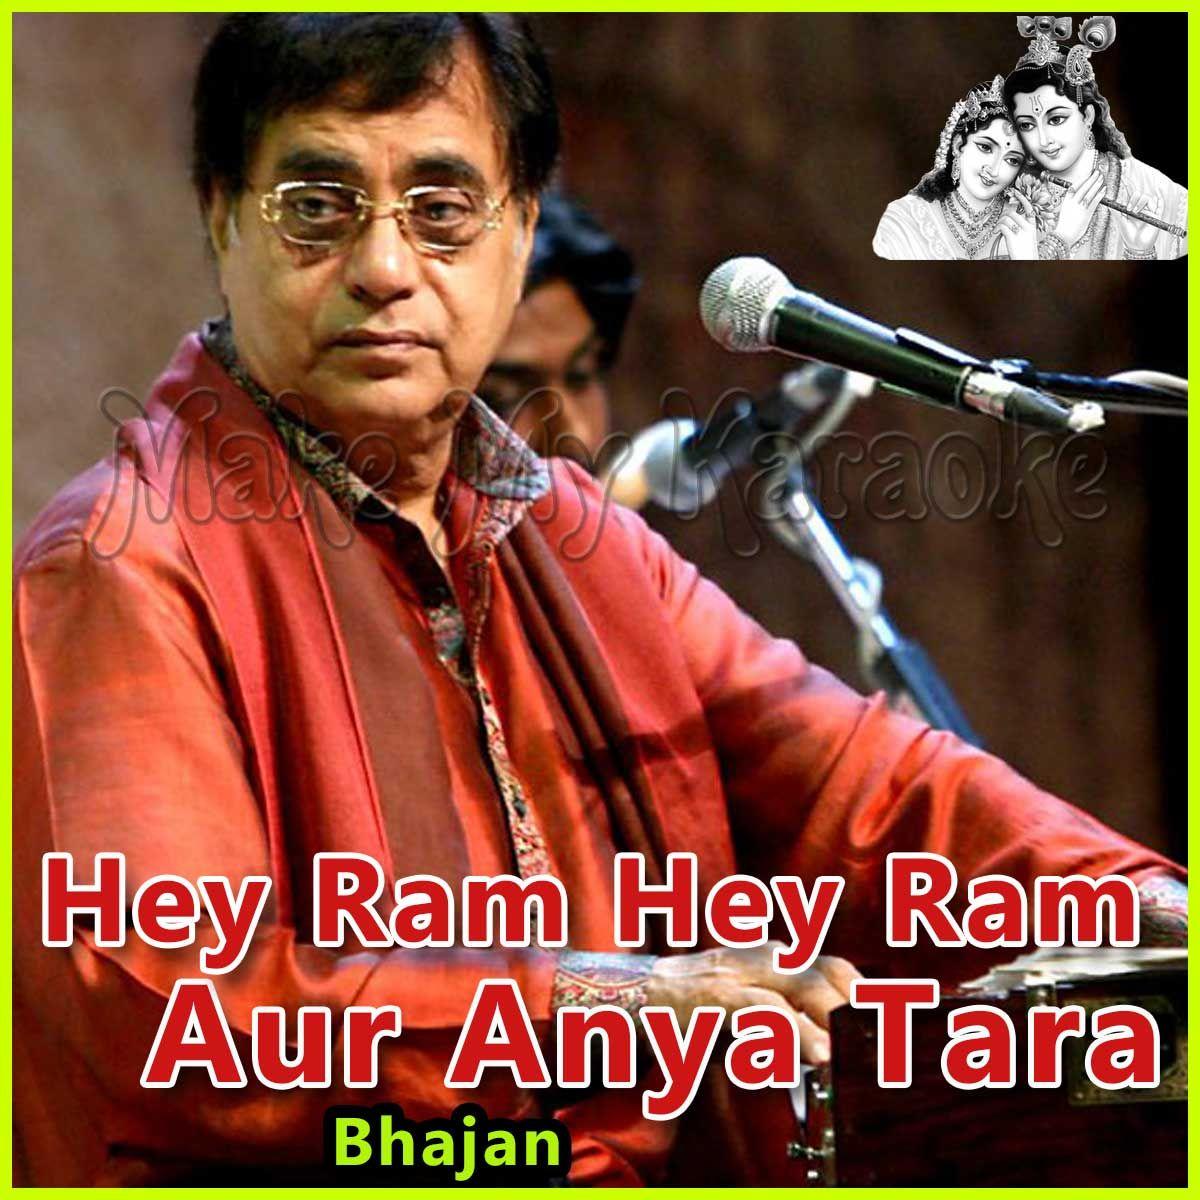 Hey Ram Hey Ram Aur Anya Tara